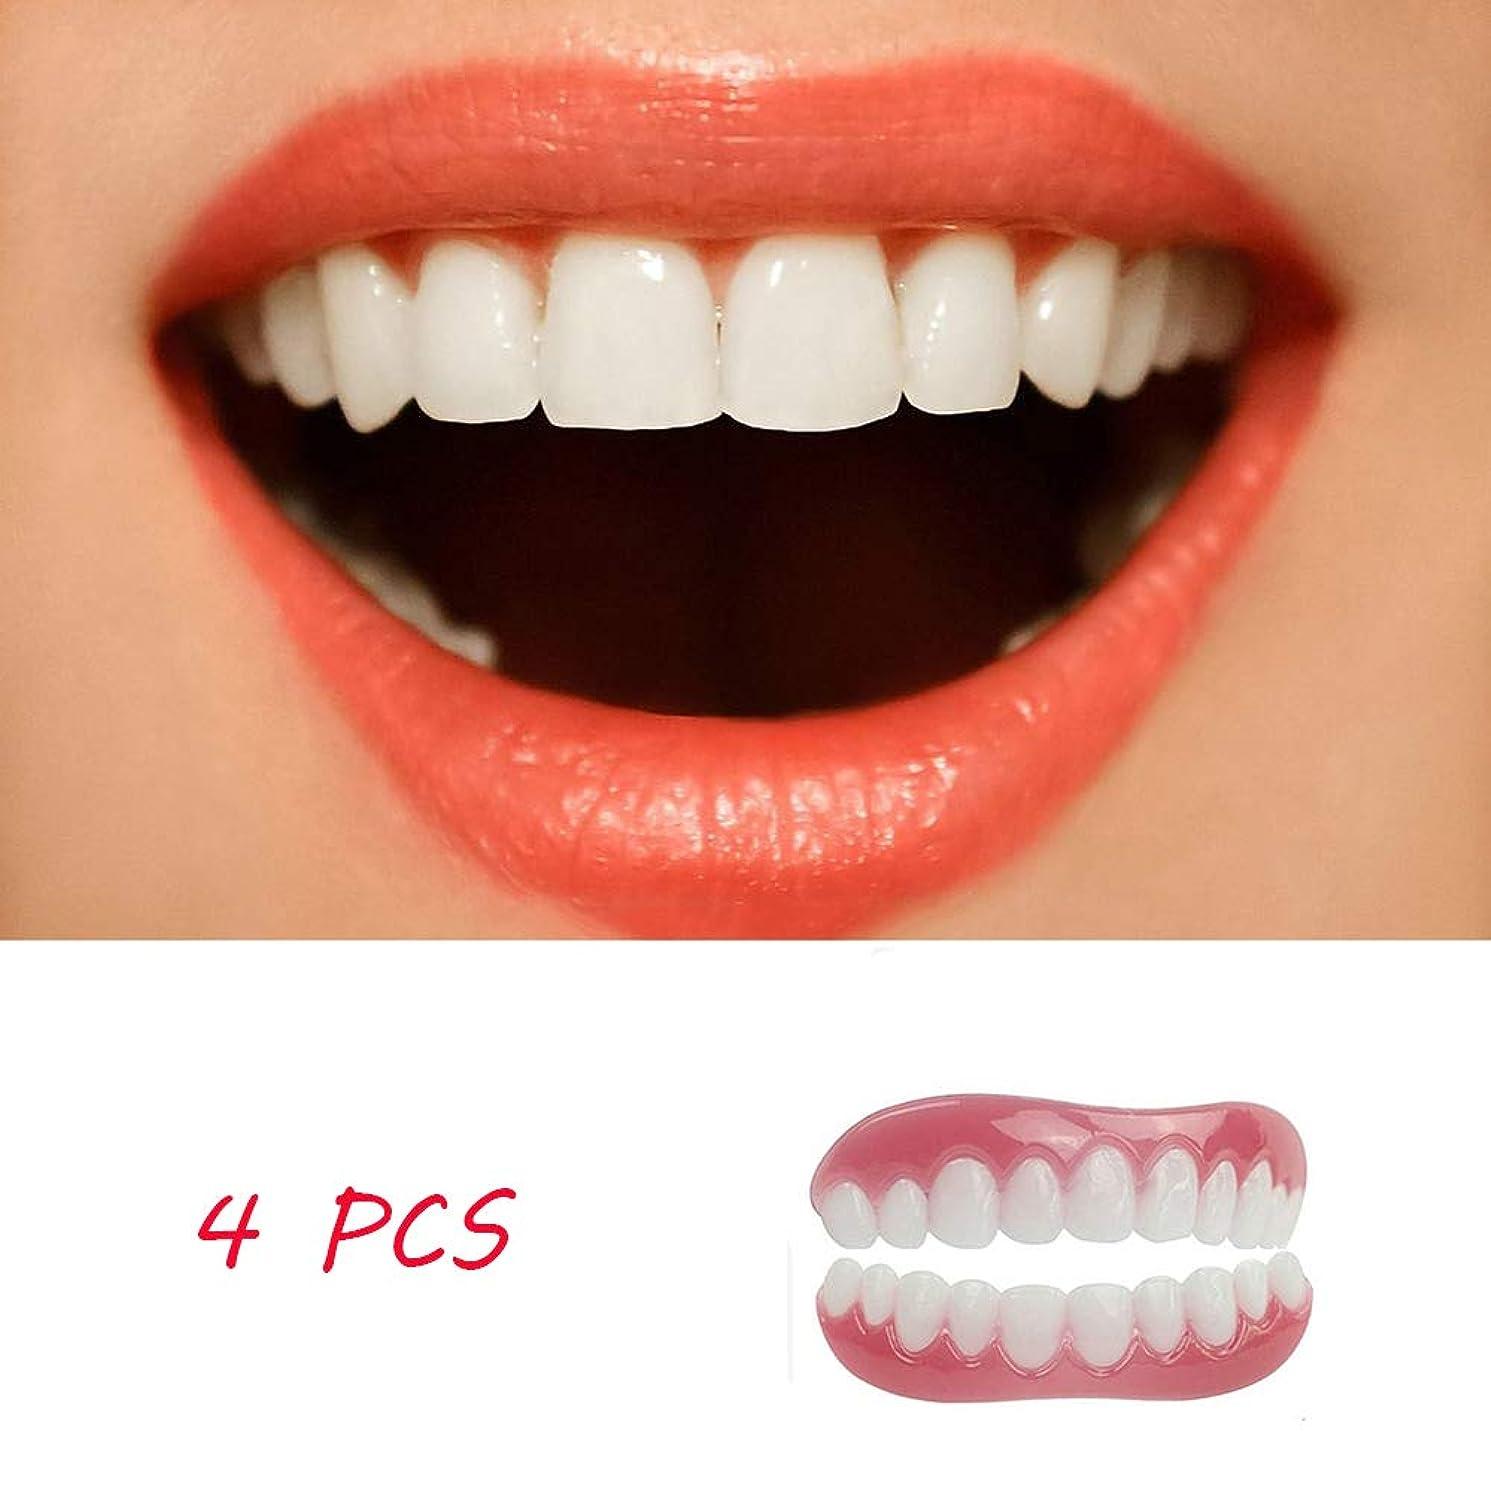 ソースタイトルひばり新しい4ピースホワイトニング歯の快適さ柔らかい化粧品の歯一時的な笑顔のベニヤ歯科用化粧のベニヤ歯科用カバー美容ツール(上+下)